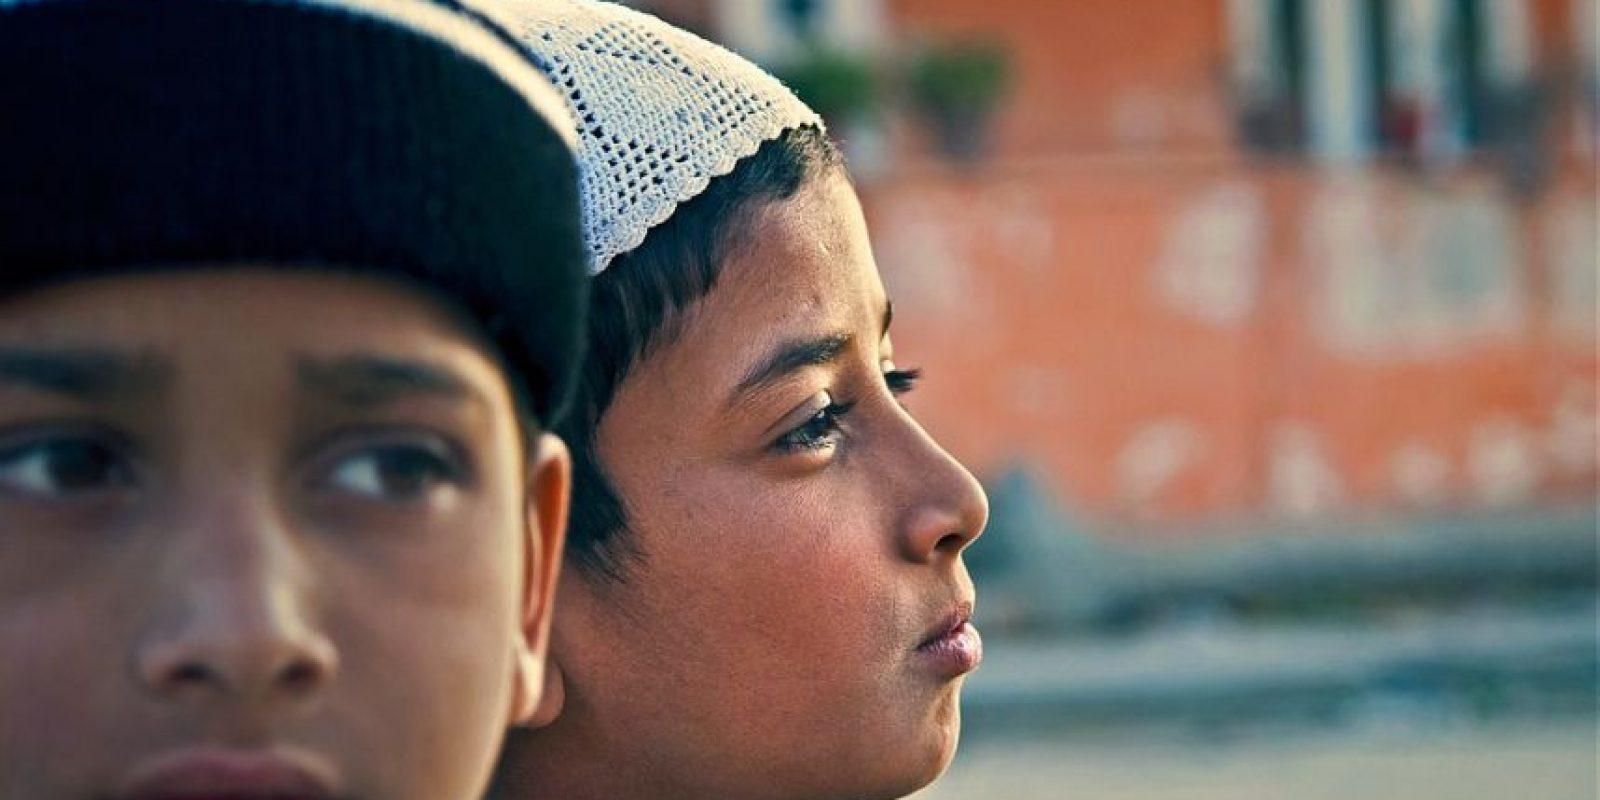 Una cuarta parte de todos los adultos manifiestan haber sufrido maltratos físicos de niños Foto:Pixabay